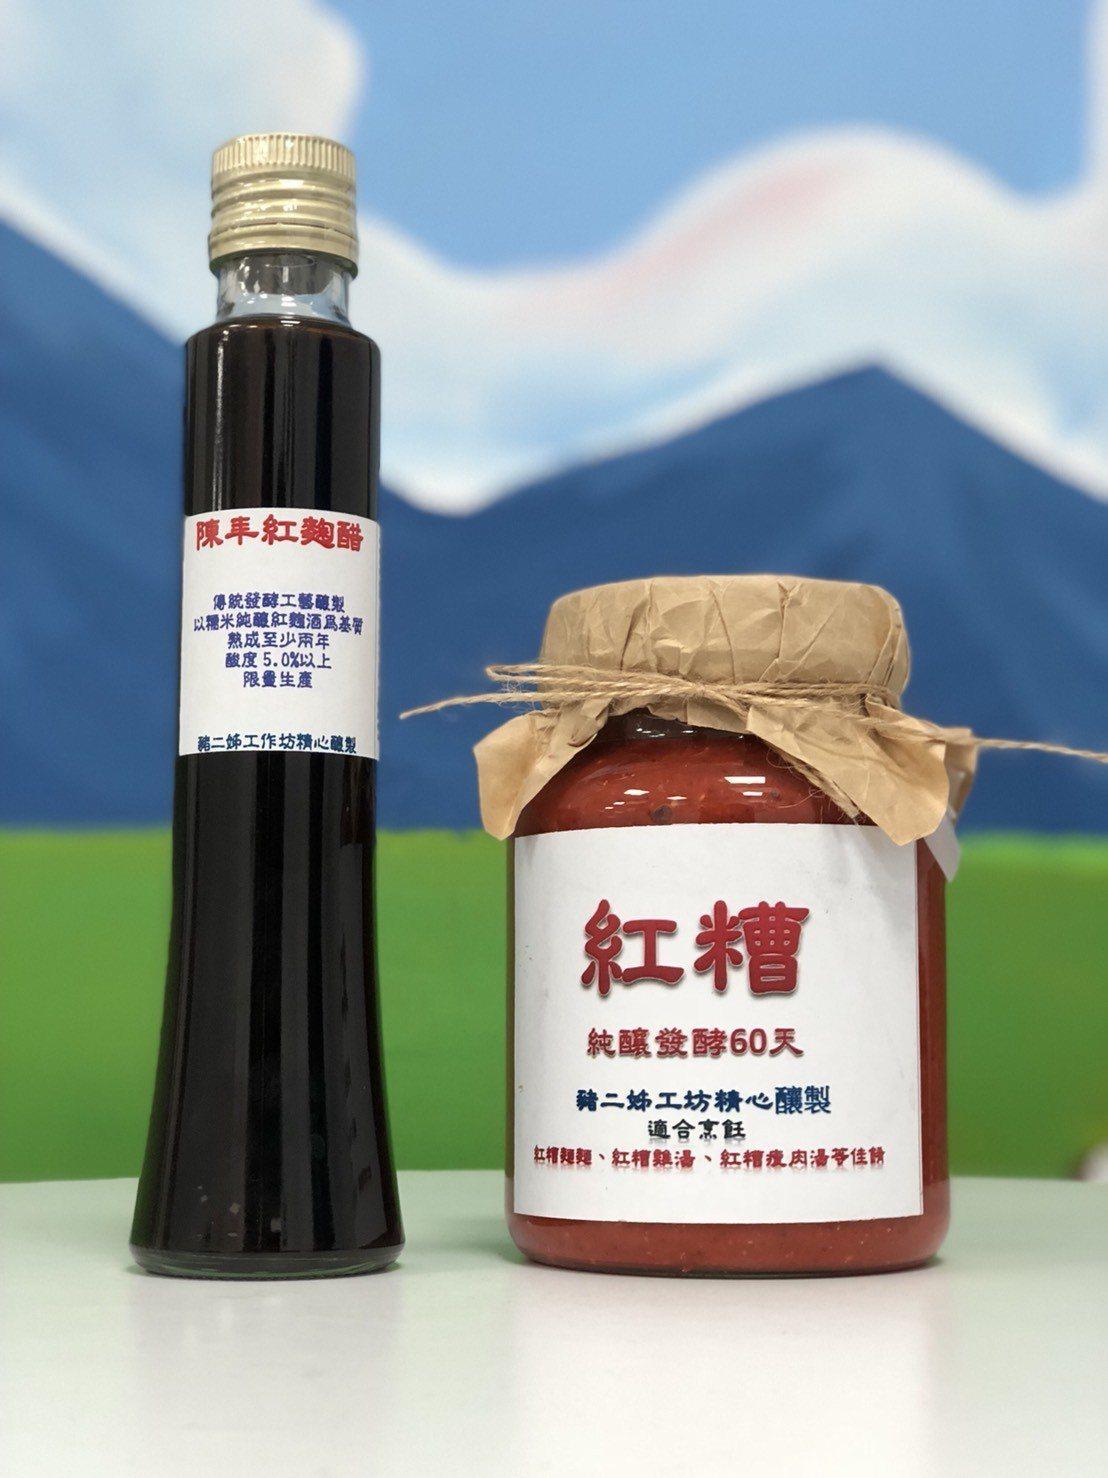 邱義源開發的紅糟、陳年紅麴醋等,獲得養生族群青睞。記者王慧瑛/攝影